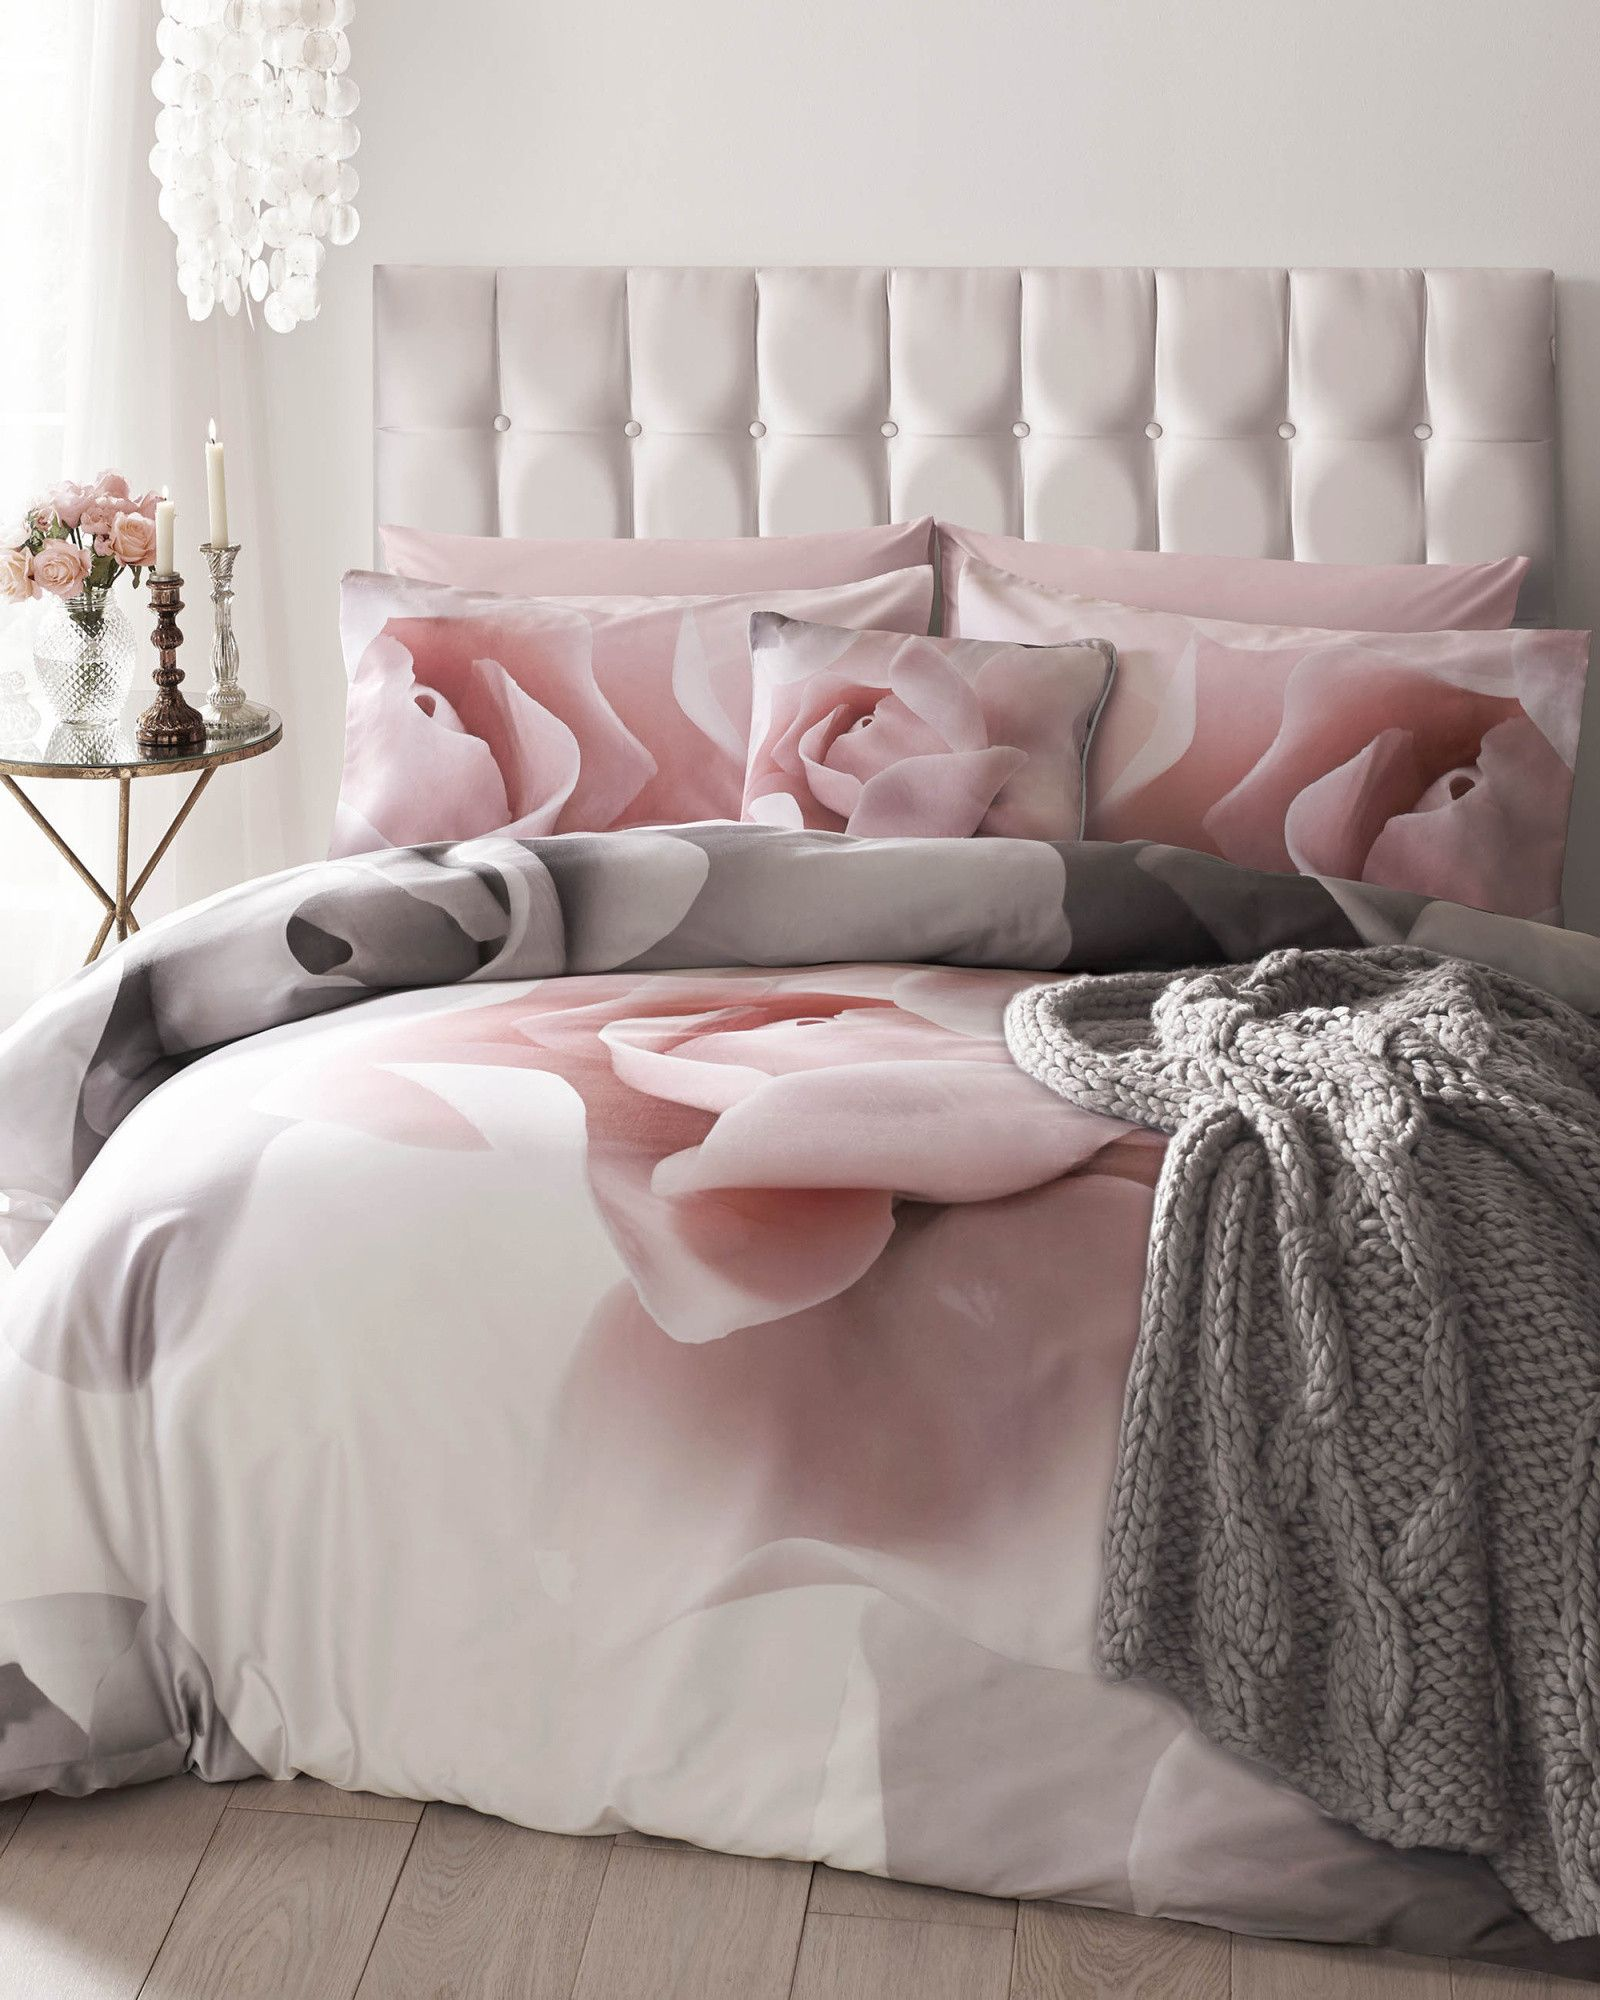 Ted baker Porcelain Rose super king duvet cover, pink and ...